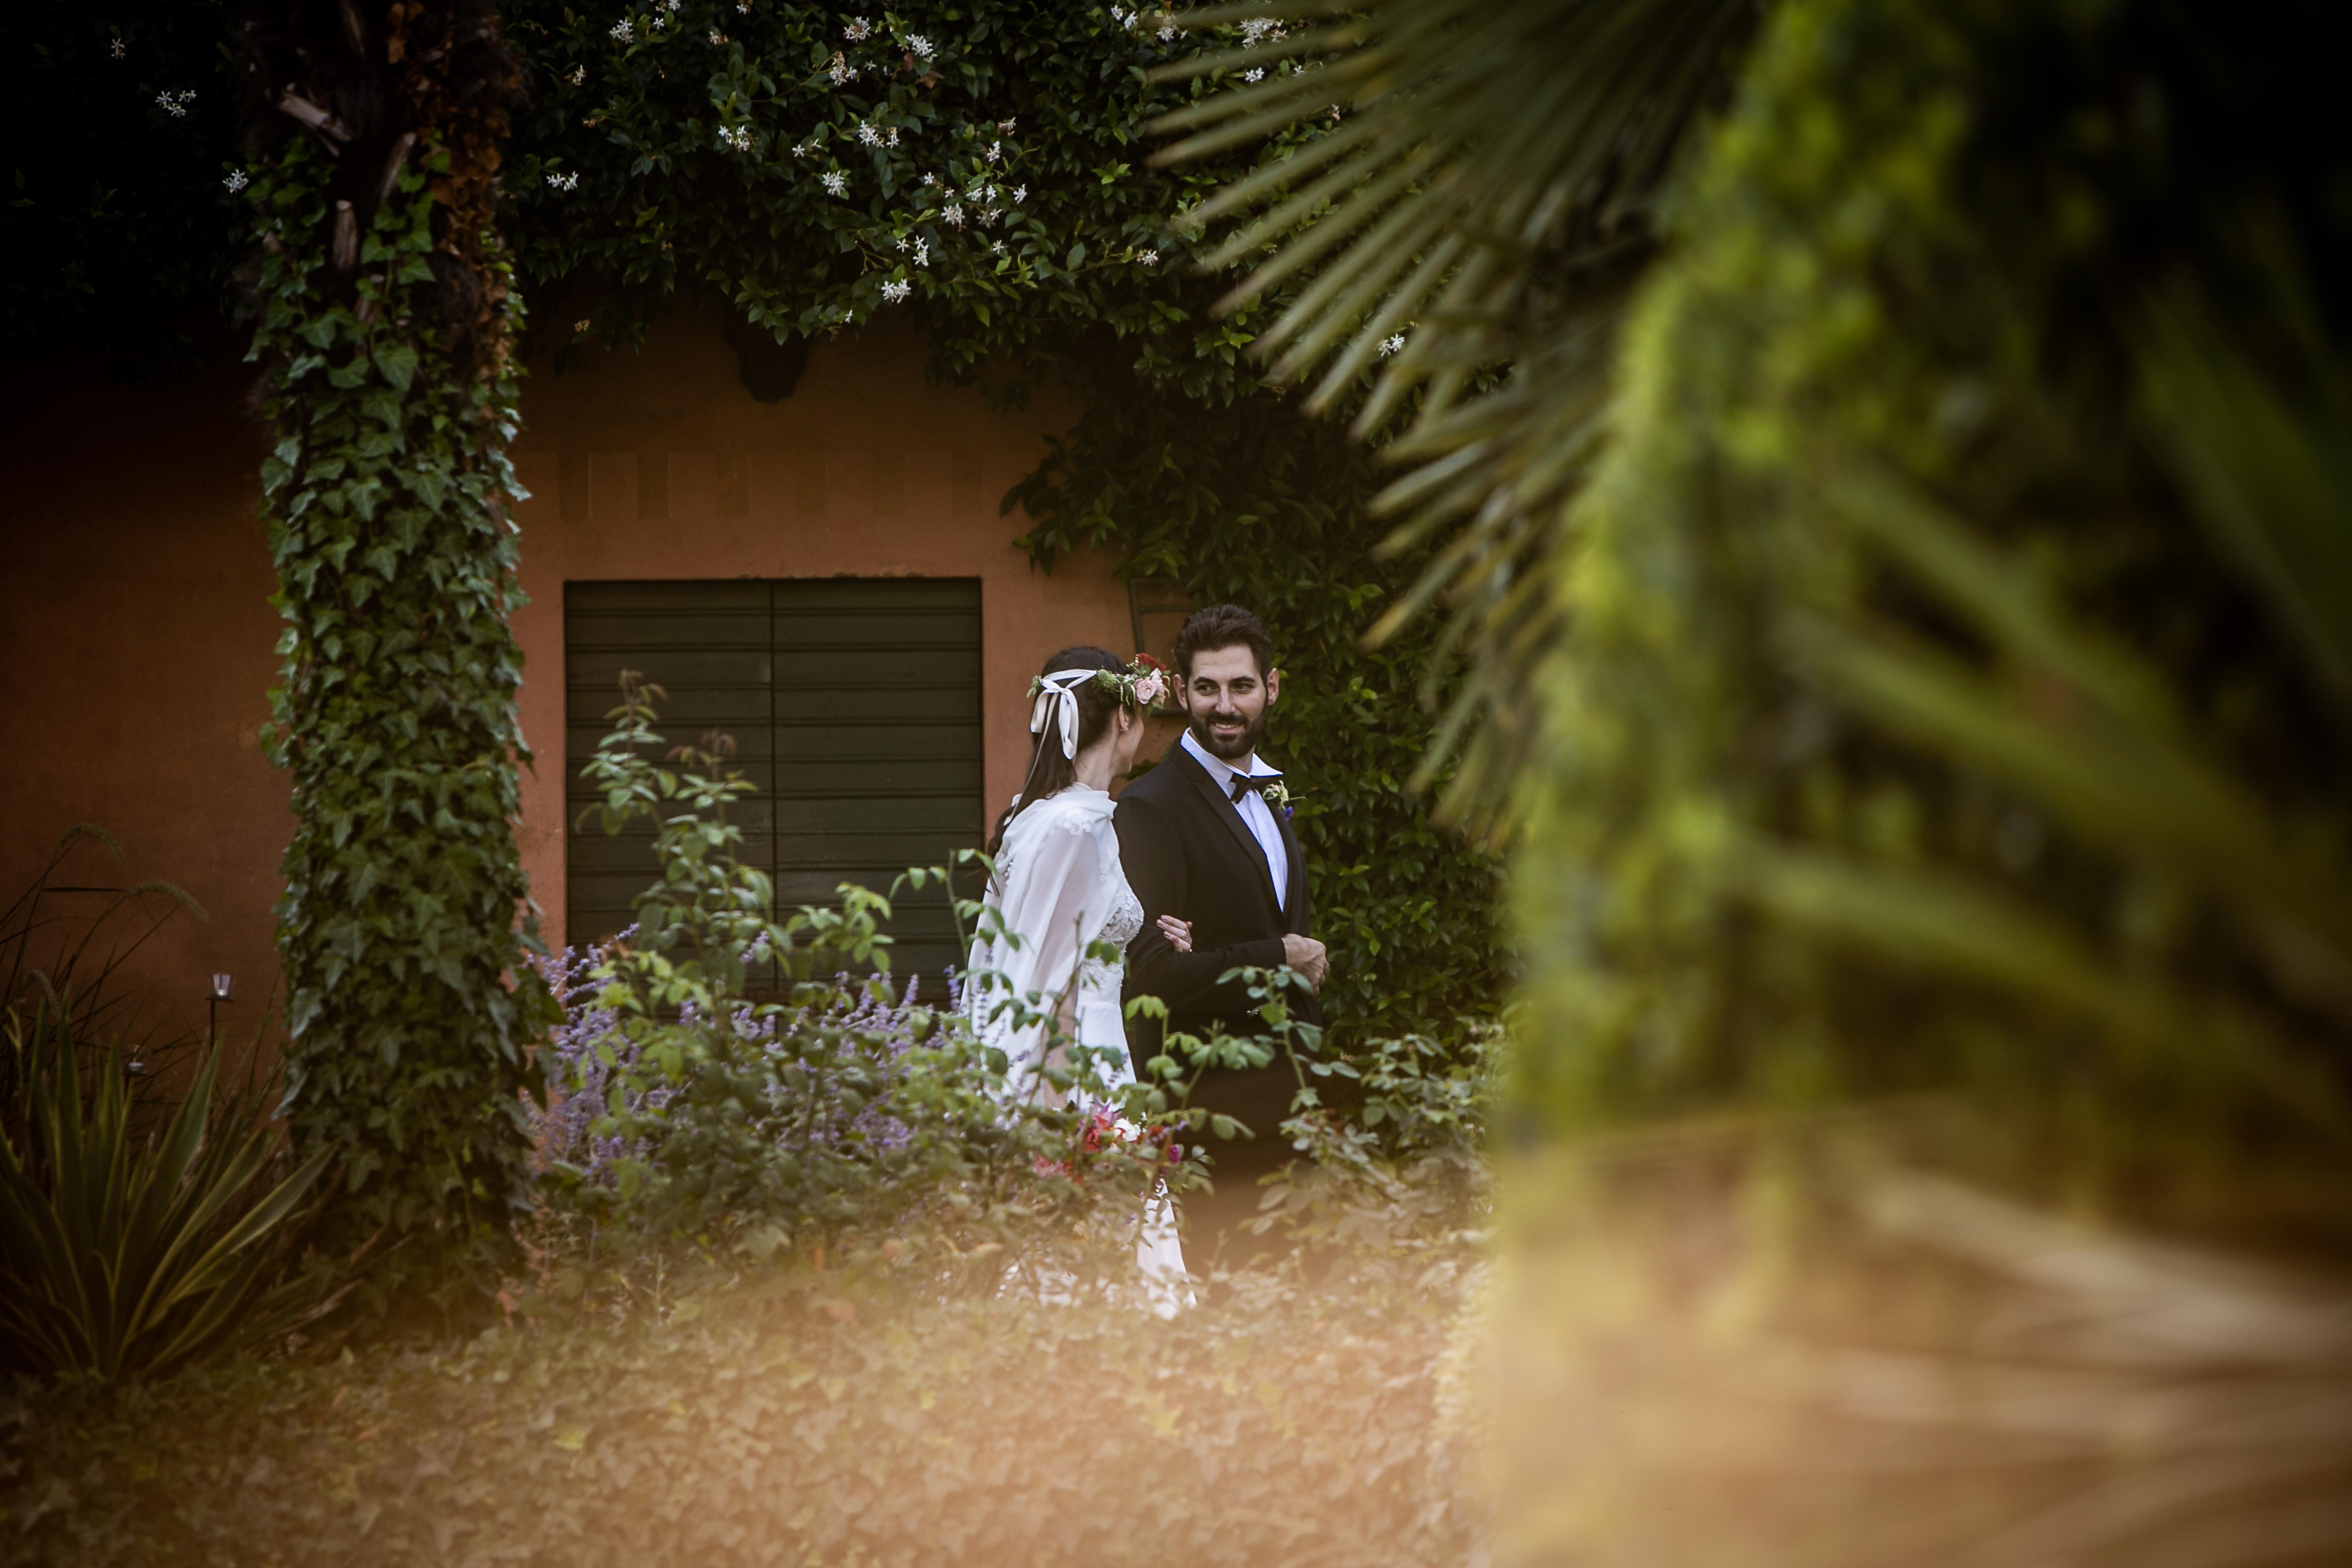 0020_gilberti_ricca_convento_annunciata_fotografi_matrimonio